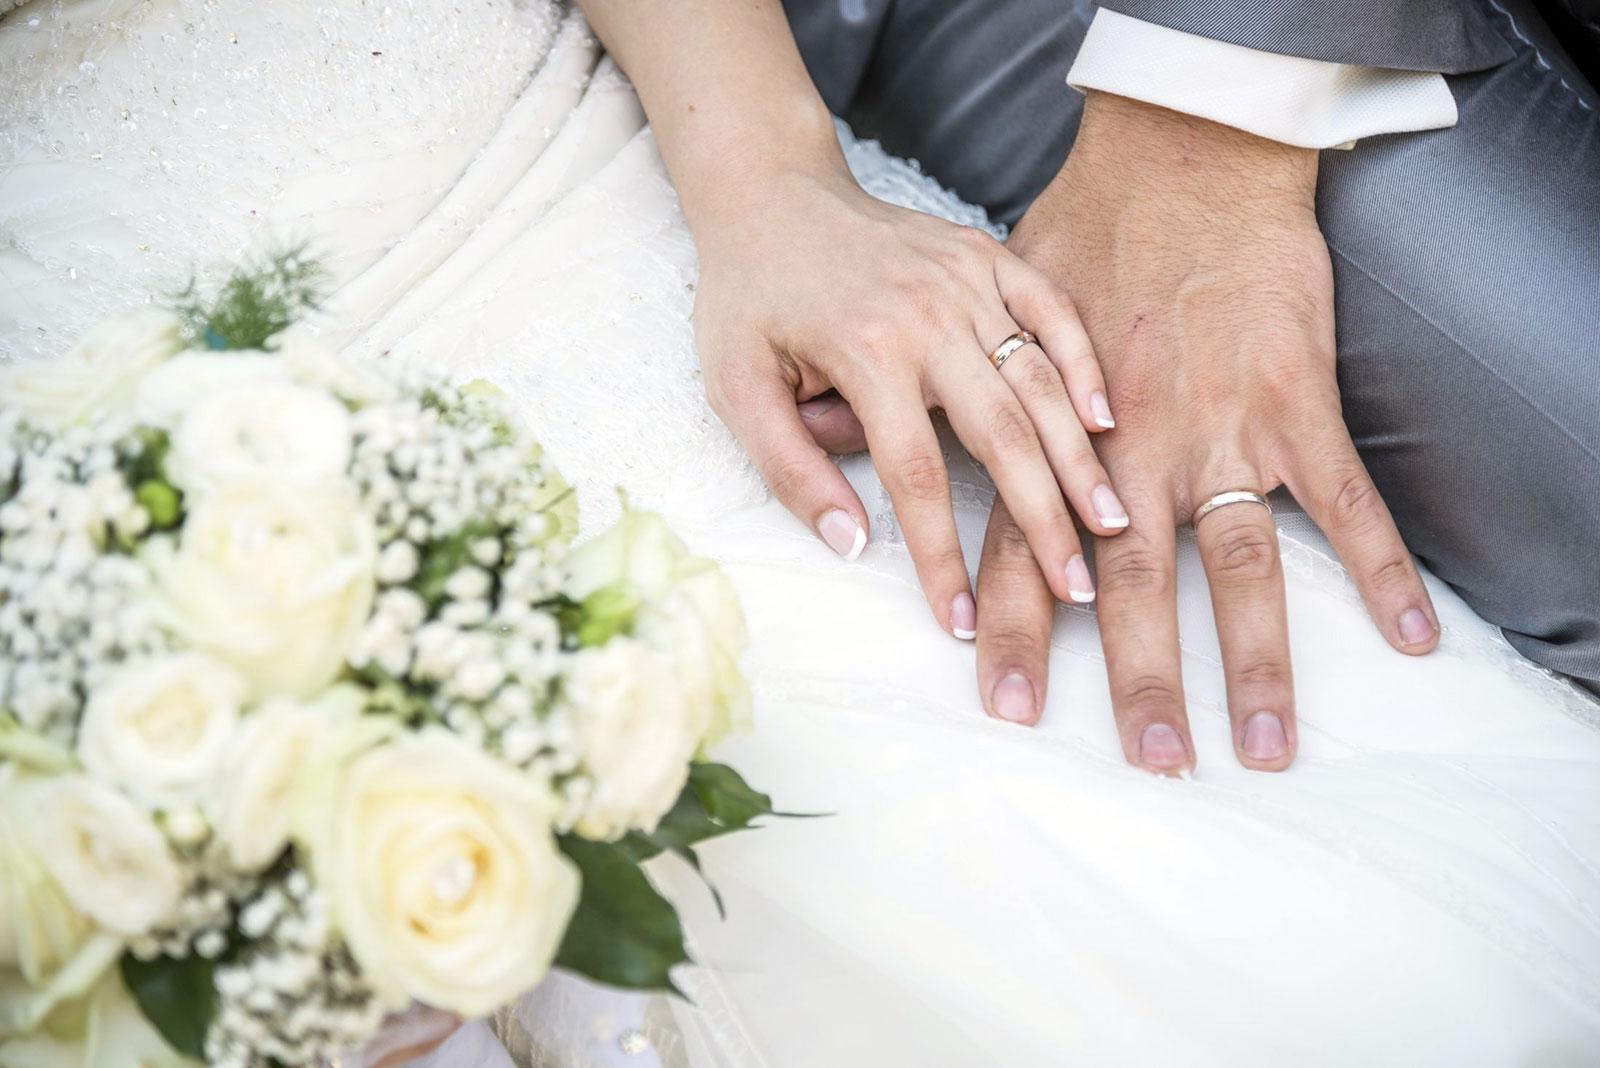 Galà dei promessi sposi